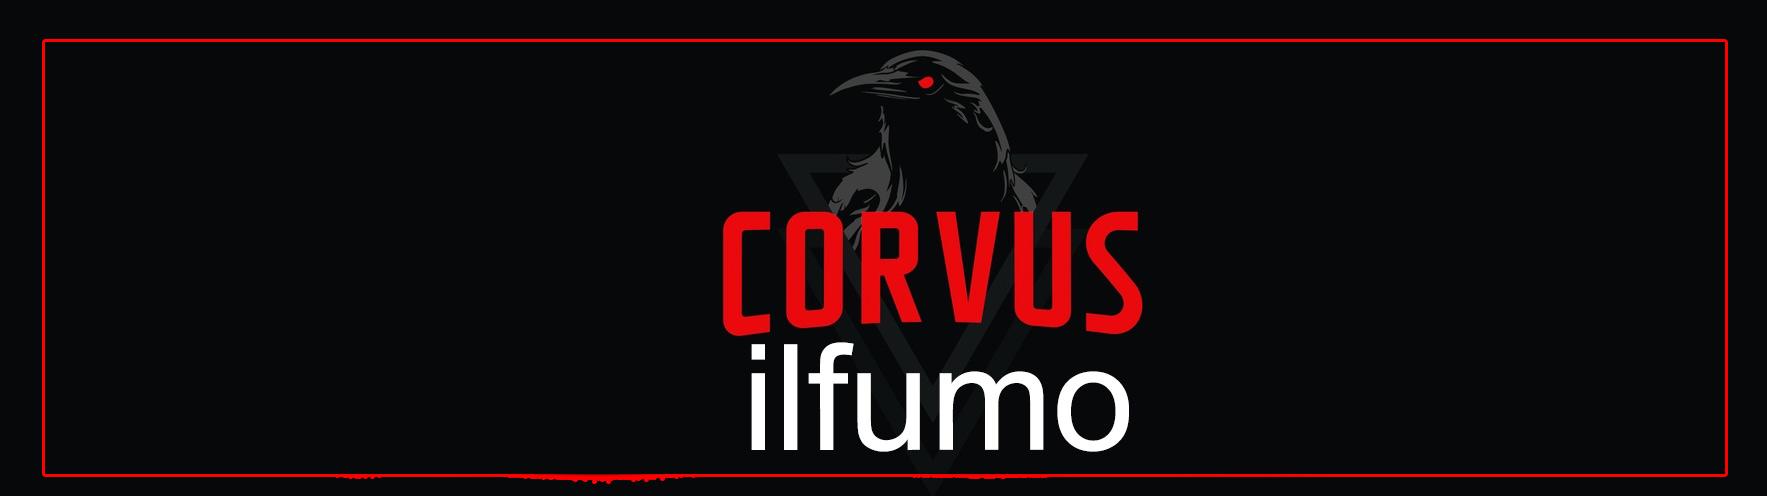 corvus электронная сигарета купить оптом